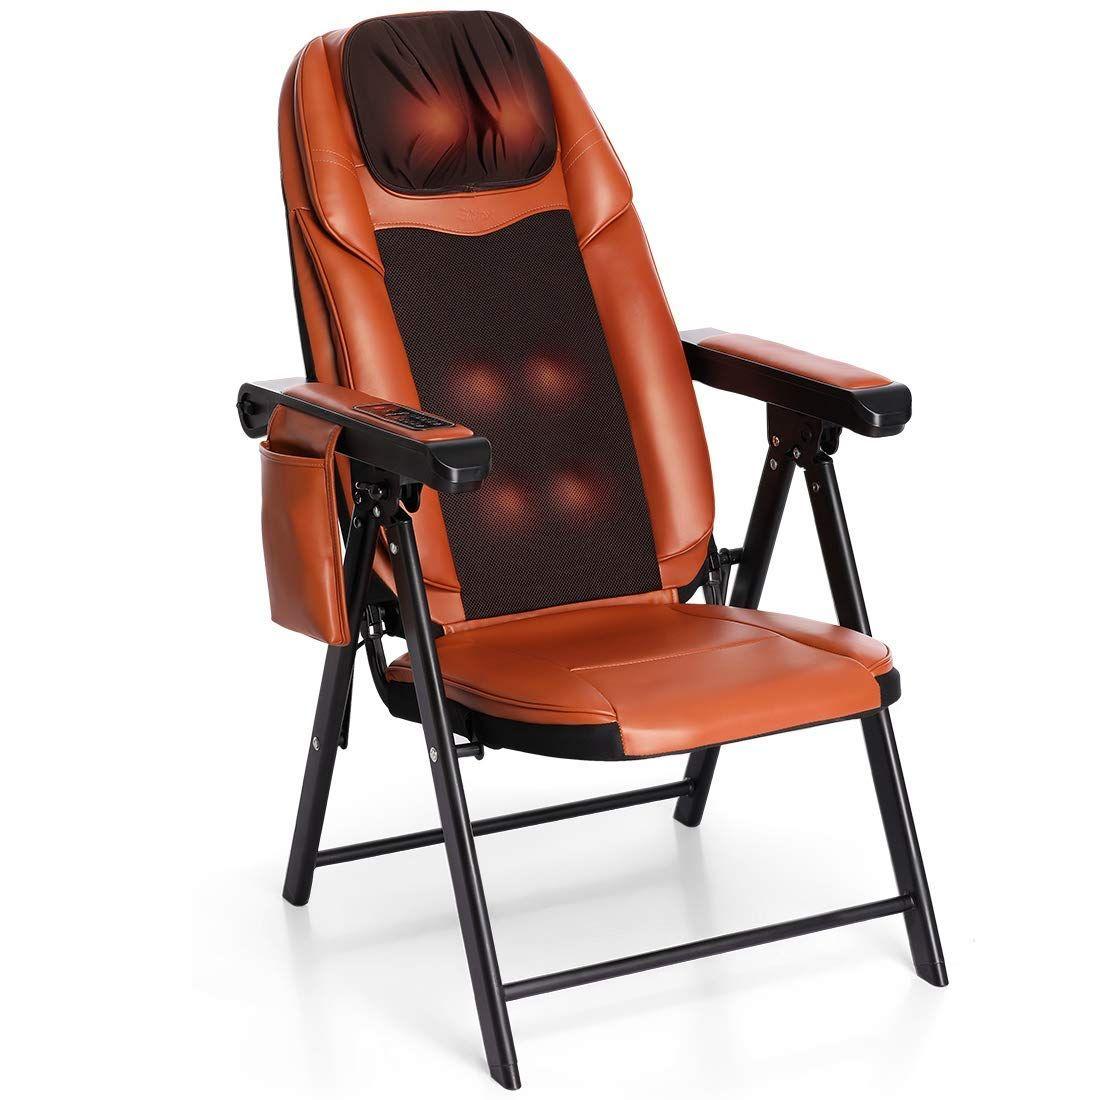 Folding shiatsu massage chair with heat back neck and